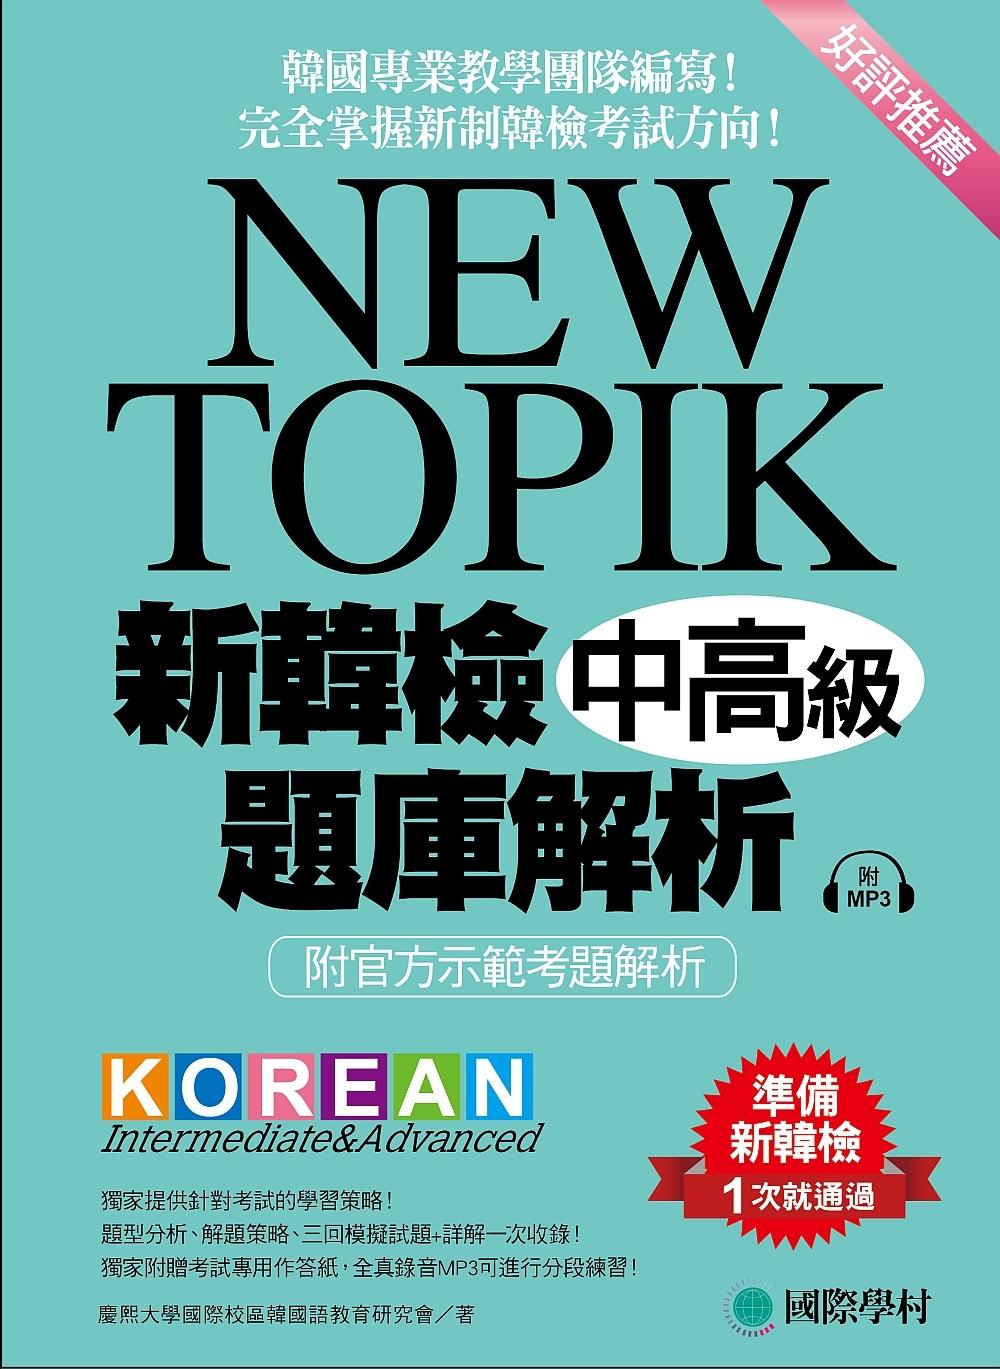 NEW TOIPK 新韓檢中高級題庫解析: 韓國專業教學團隊編寫!完全掌握新制韓檢考試方向!(附MP3)